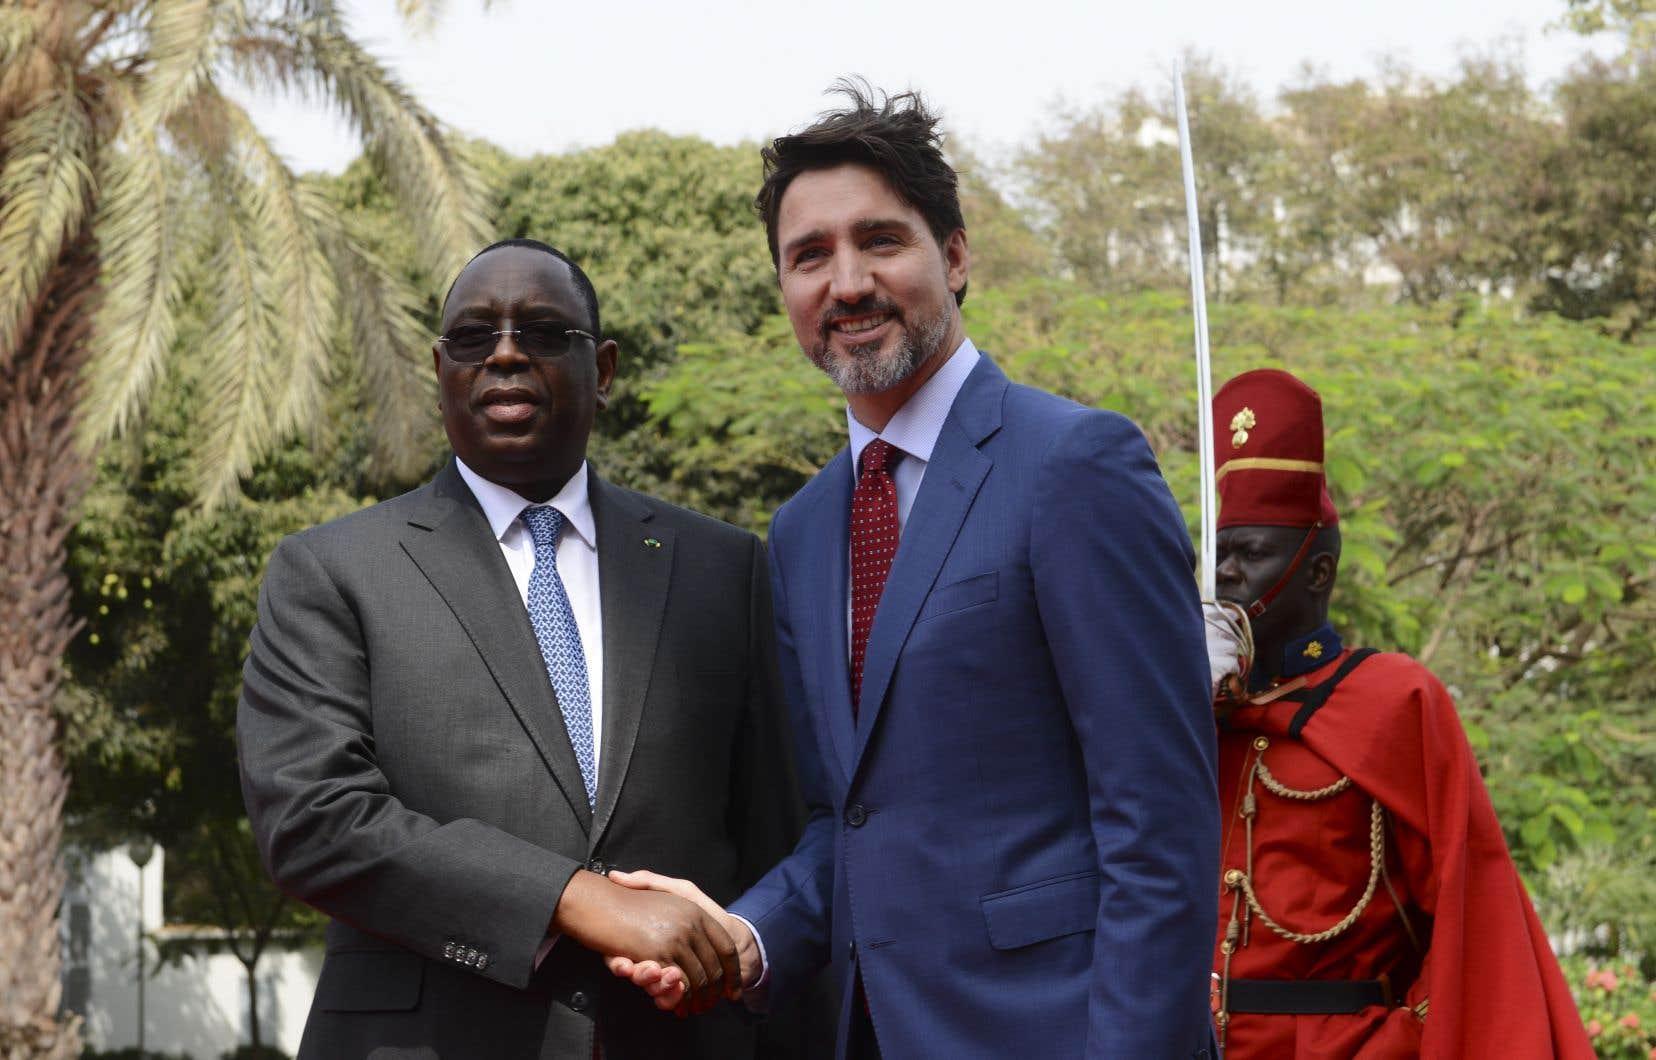 Le président sénégalais, Macky Sall, et le premier ministre canadien, Justin Trudeau, au palais présidentiel de Dakar